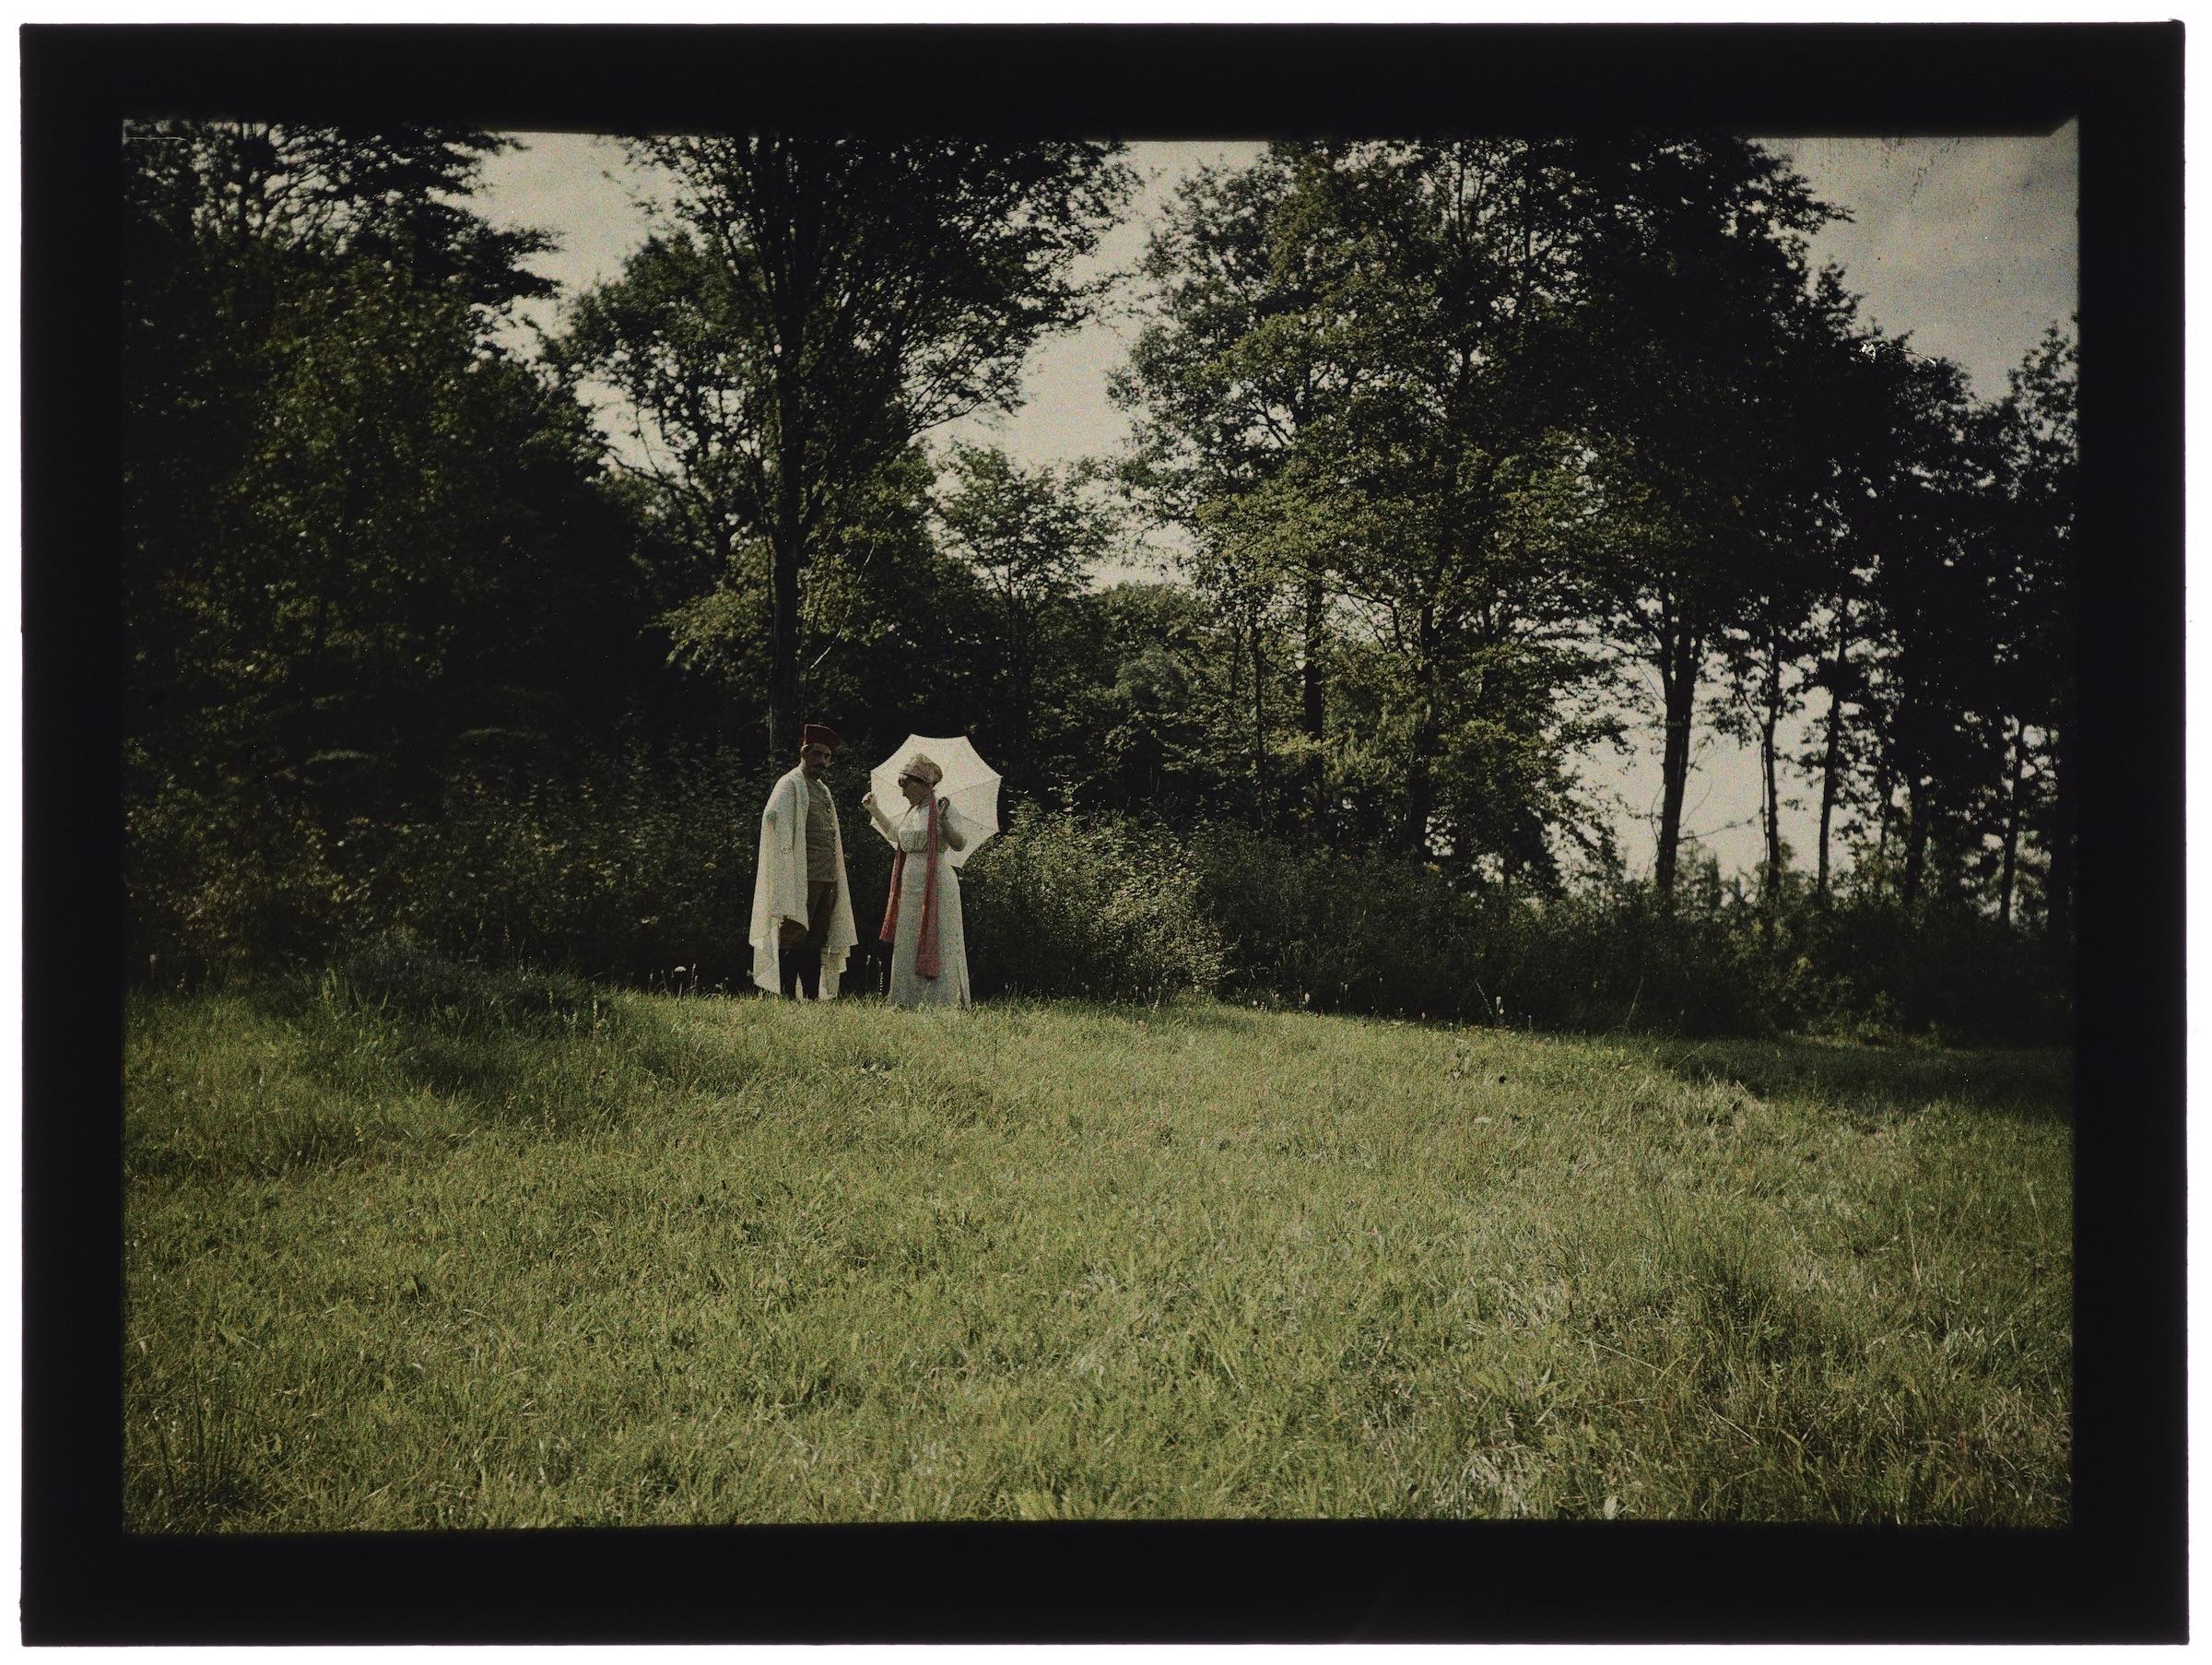 Femme en blanc et zouave en cape blanche